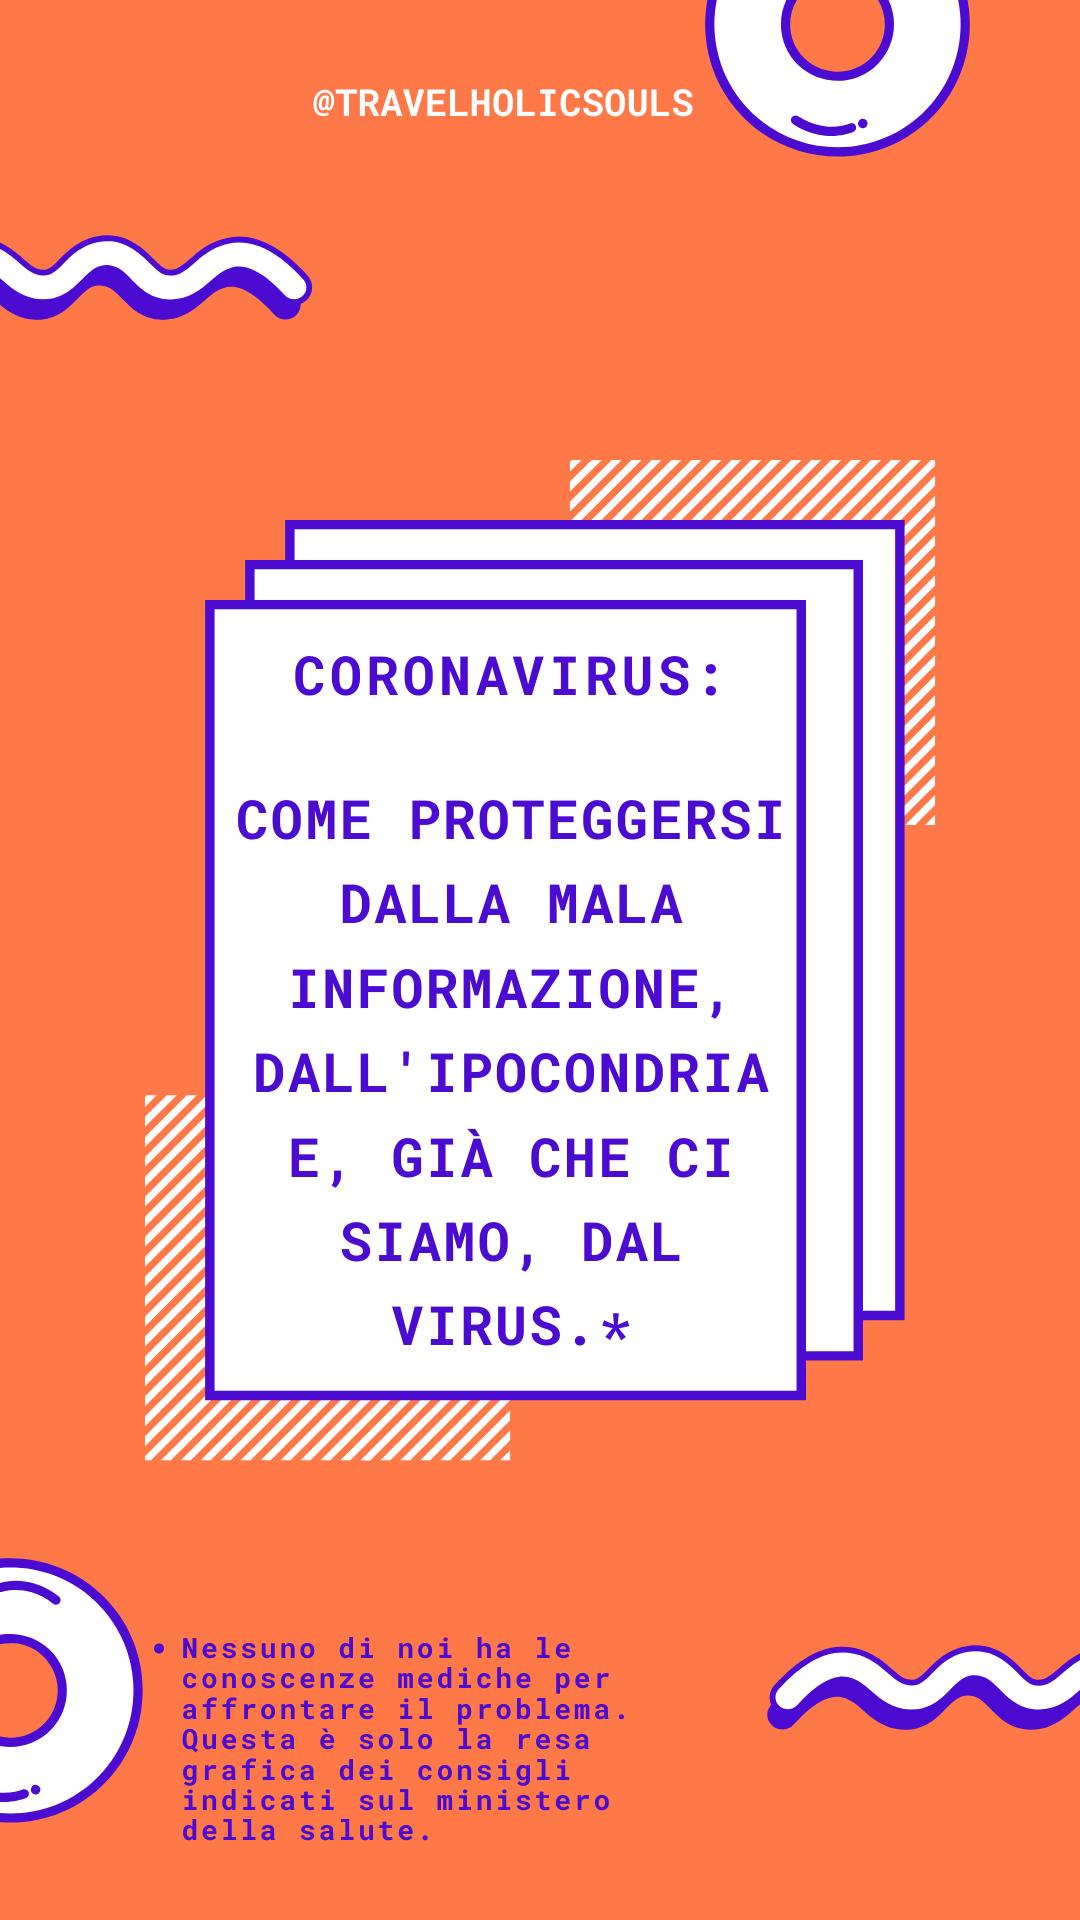 come proteggersi dalla mala-informazioni: coronavirus